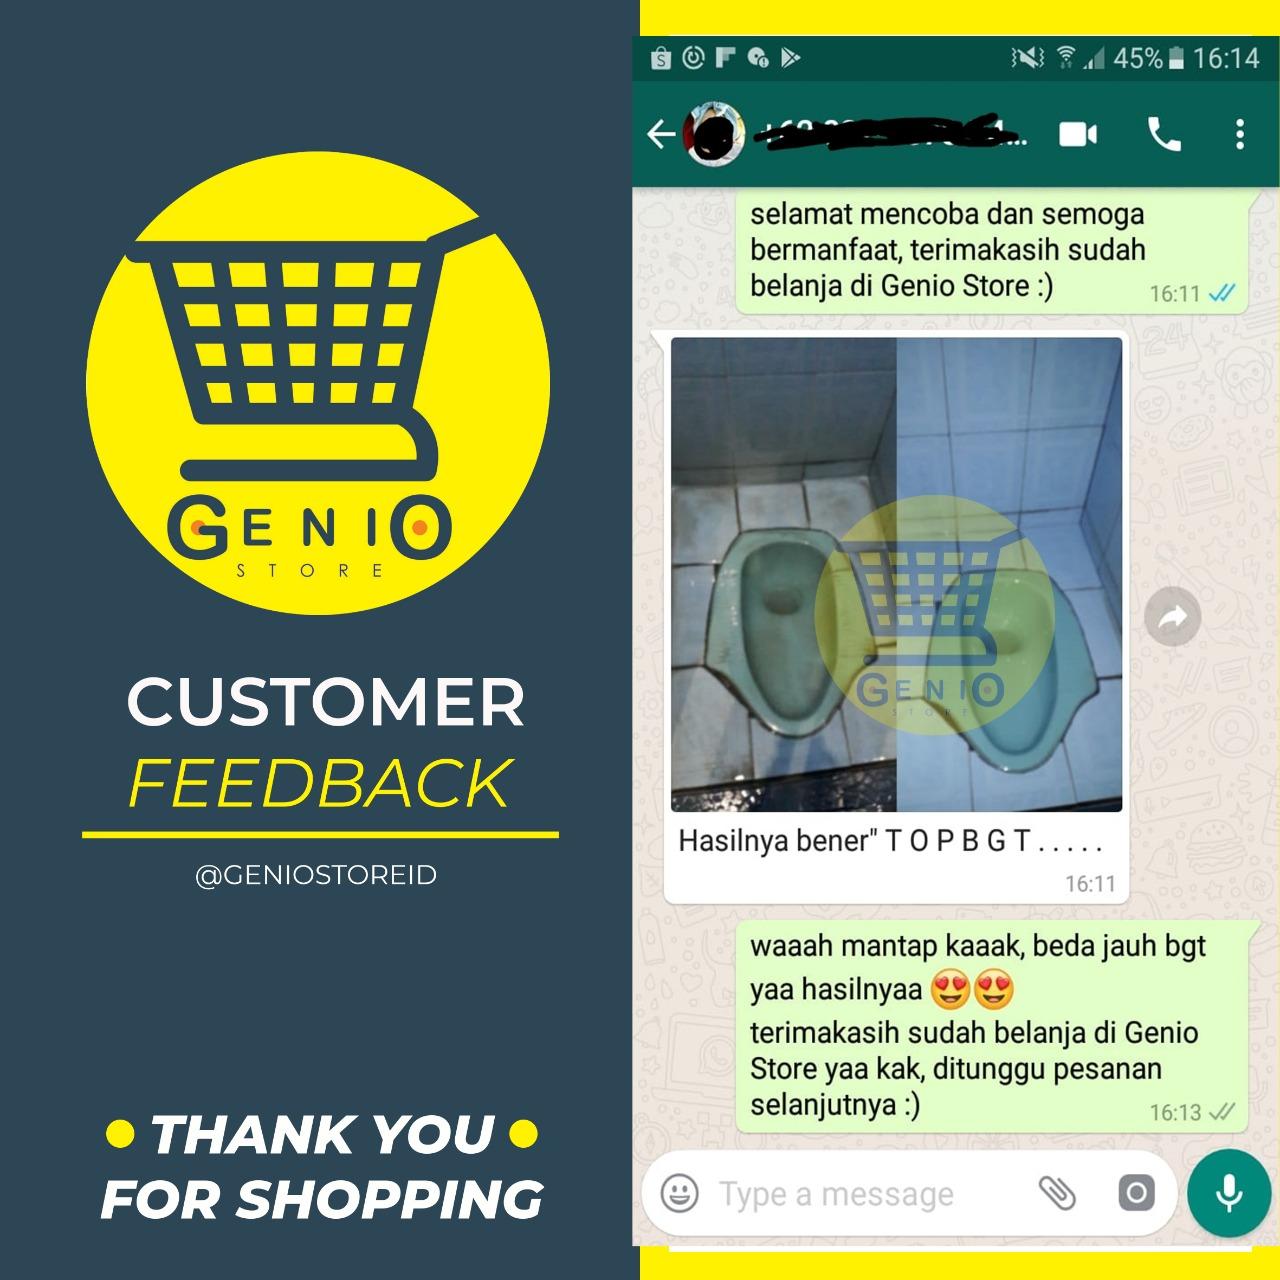 WhatsApp-Image-2020-09-01-at-15.04.11-1.jpeg